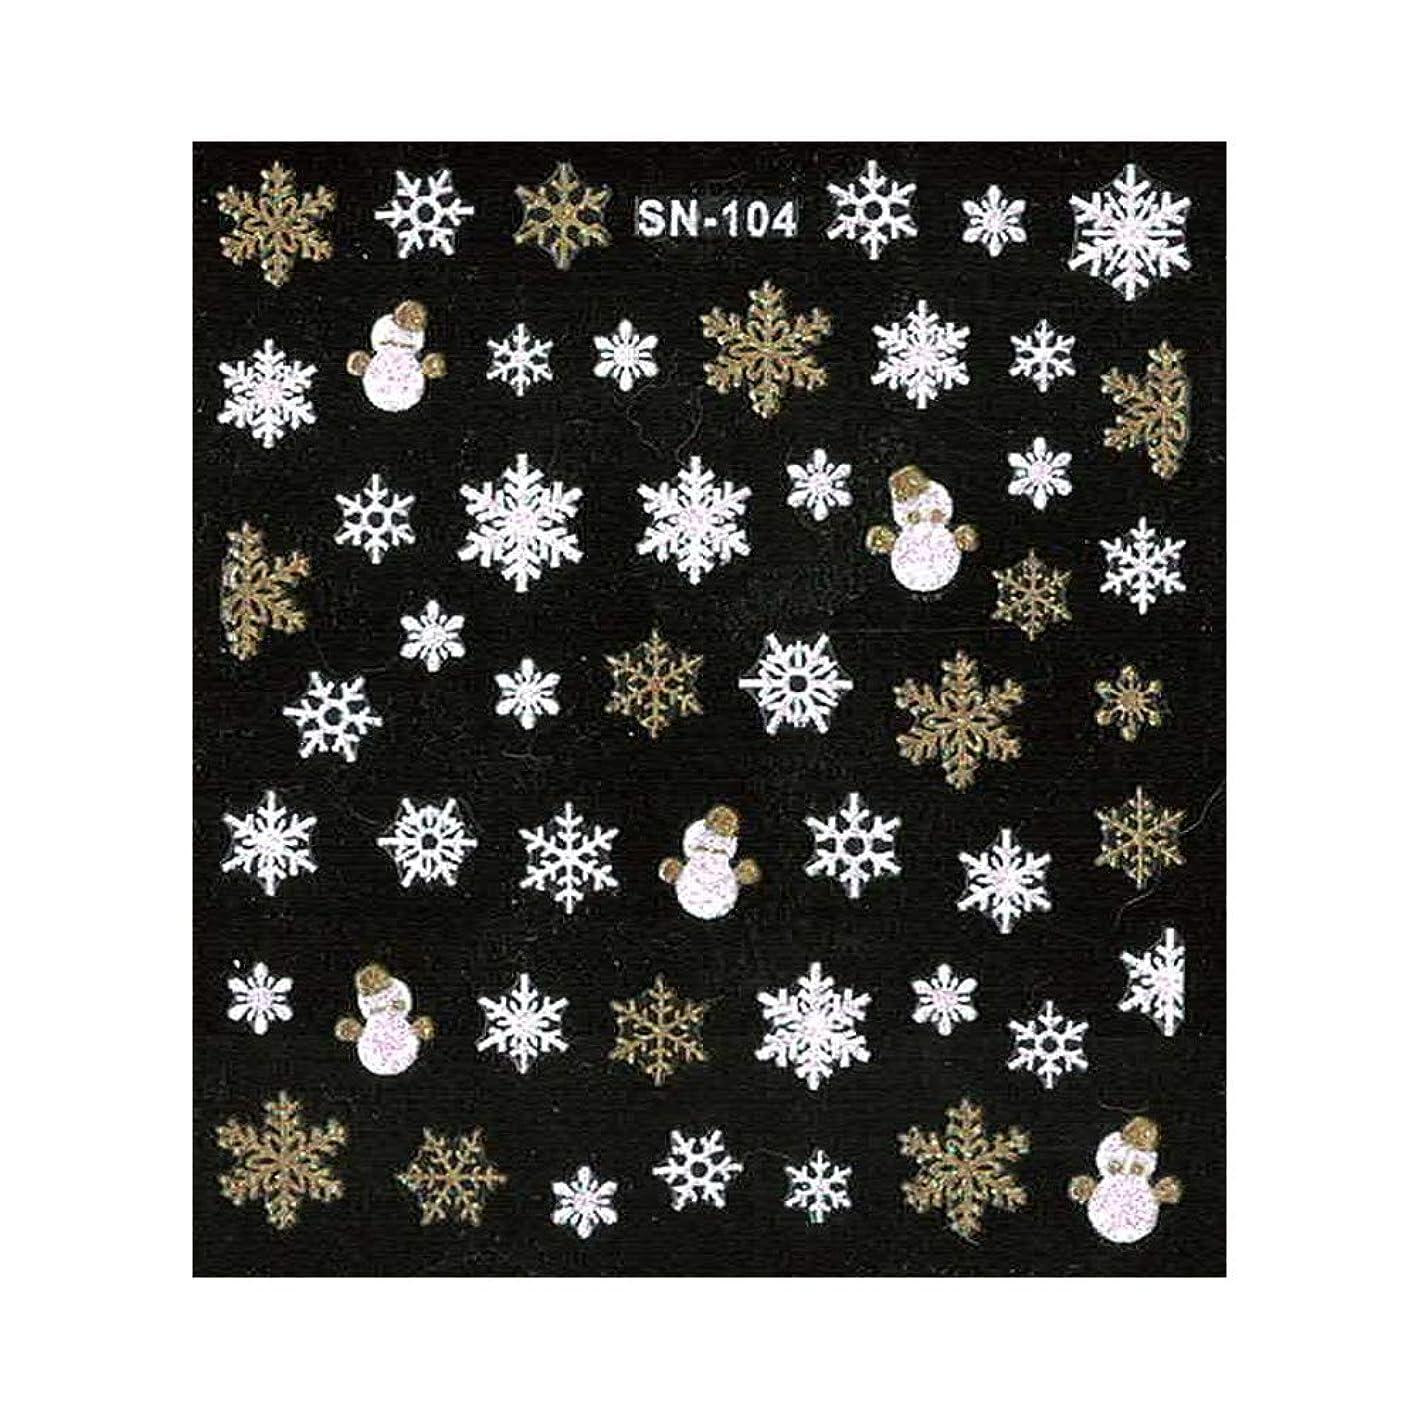 ビタミンつかいます着飾るネイルシール 雪の結晶 [ ネイル シール 冬 ウィンター クリスマス 雪 雪だるま リボン ネイルアート ] (ゴールドMIX)